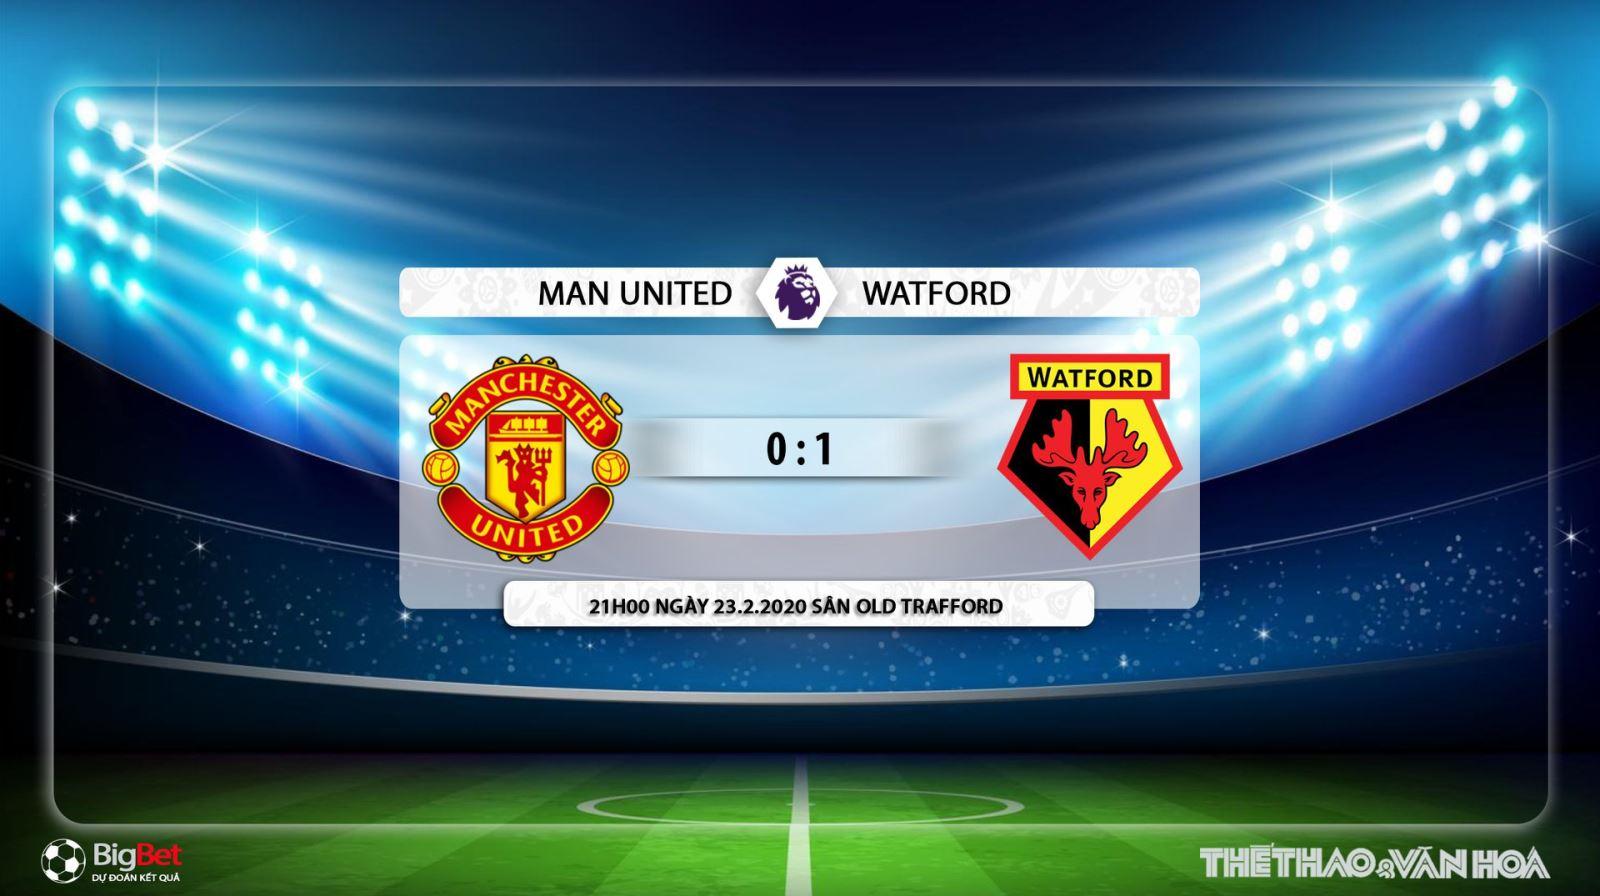 MU vs Watford, manchester united, watford, trực tiếp bóng đá, trực tiếp MU vs Watford, lịch thi đấu bóng đá, bóng đá, K+, K+PM